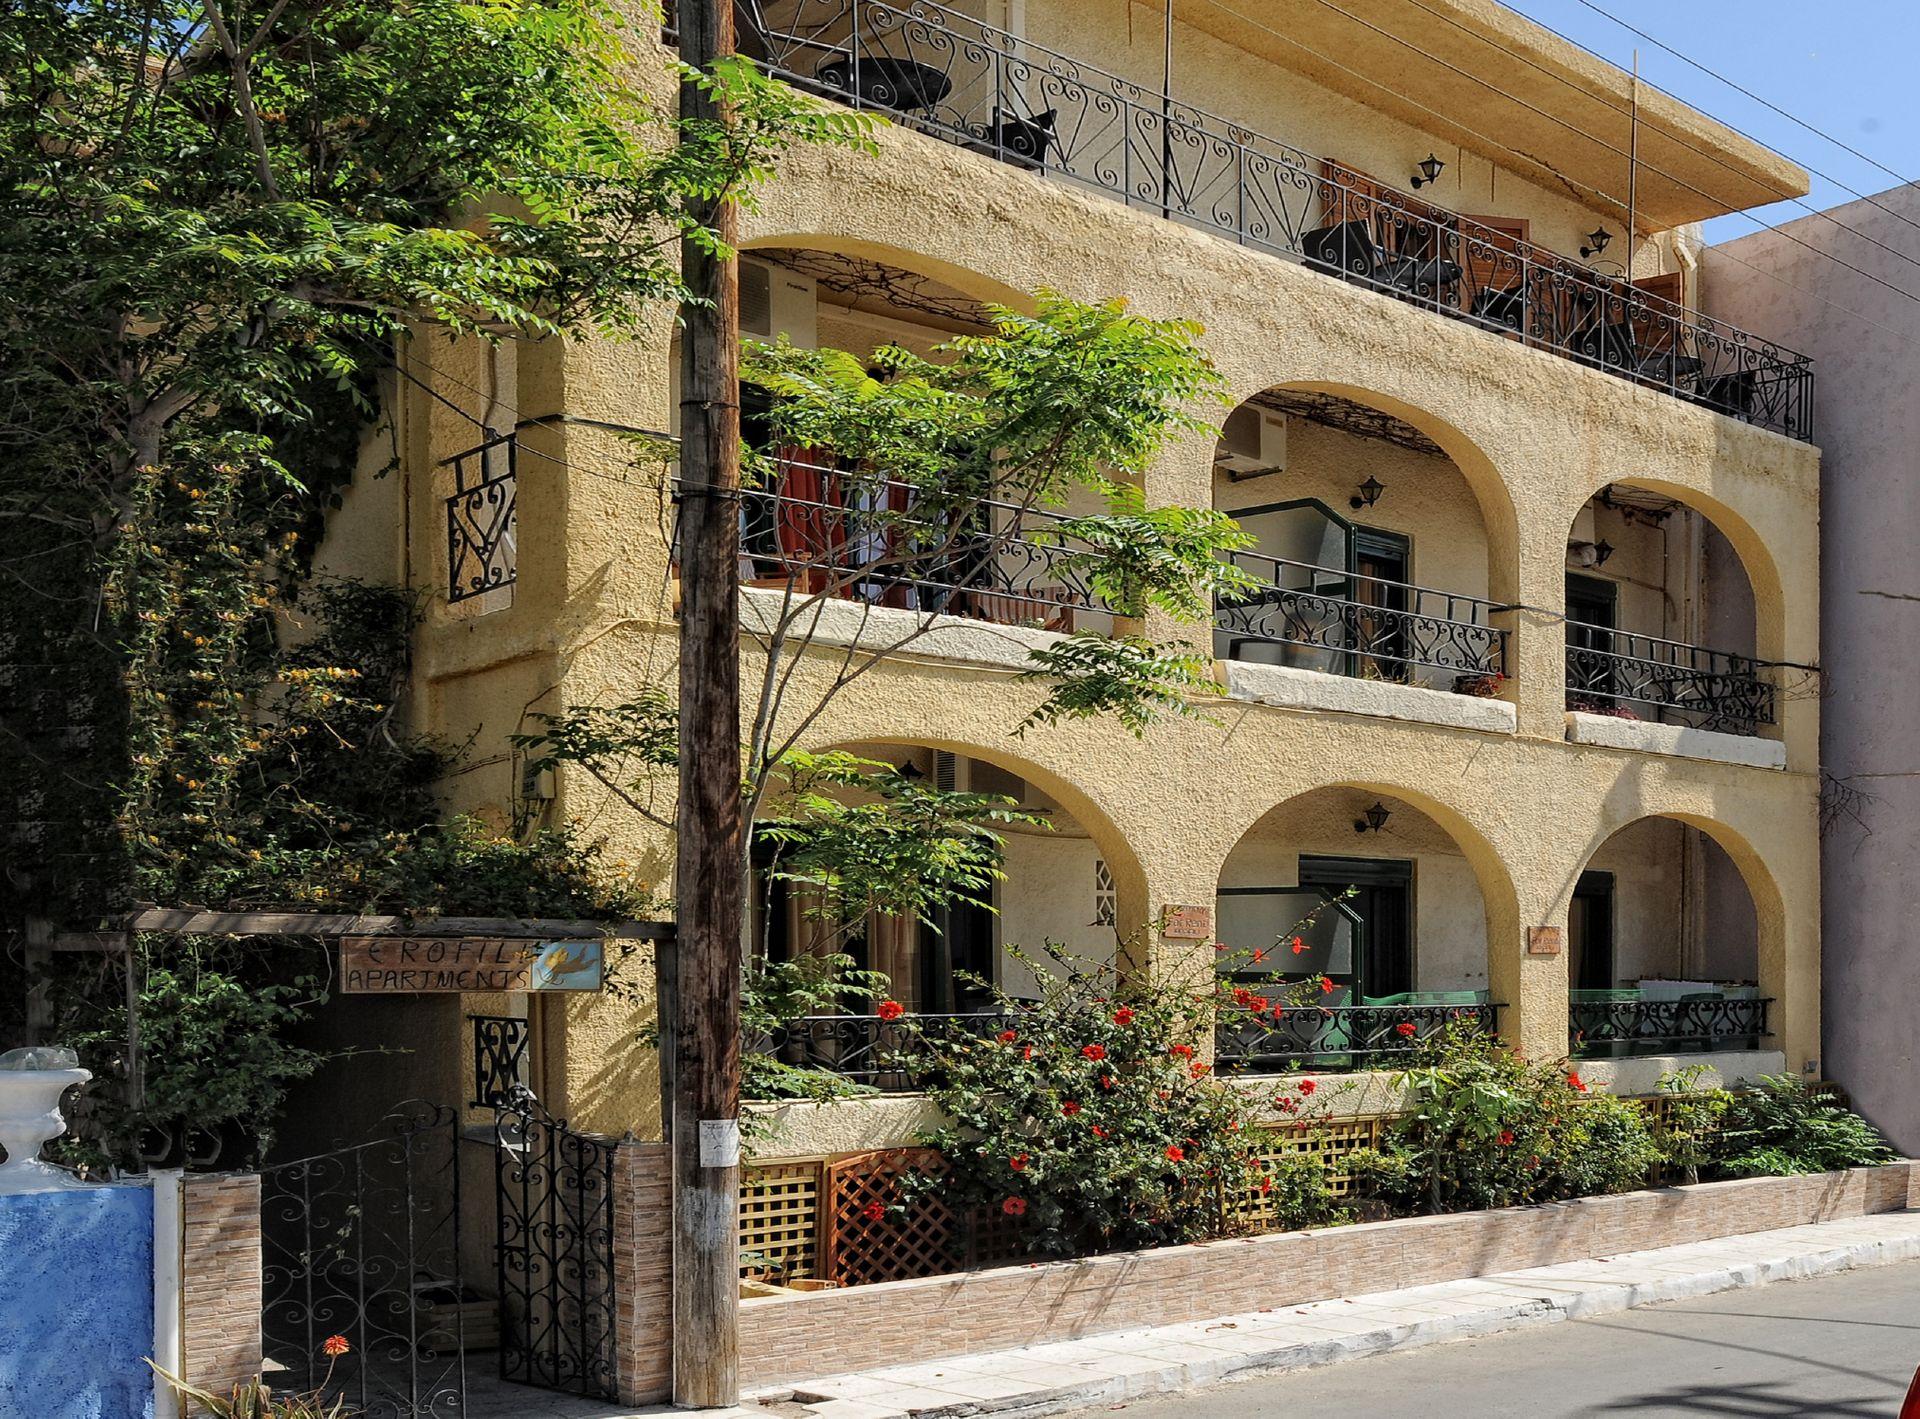 Erofili Apartments - Χερσόνησος, Κρήτη ✦ 2 Ημέρες (1 Διανυκτέρευση) ✦ 2 άτομα ✦ Χωρίς Πρωινό ✦ 01/09/2020 έως 30/09/2020 ✦ Free Wi-Fi